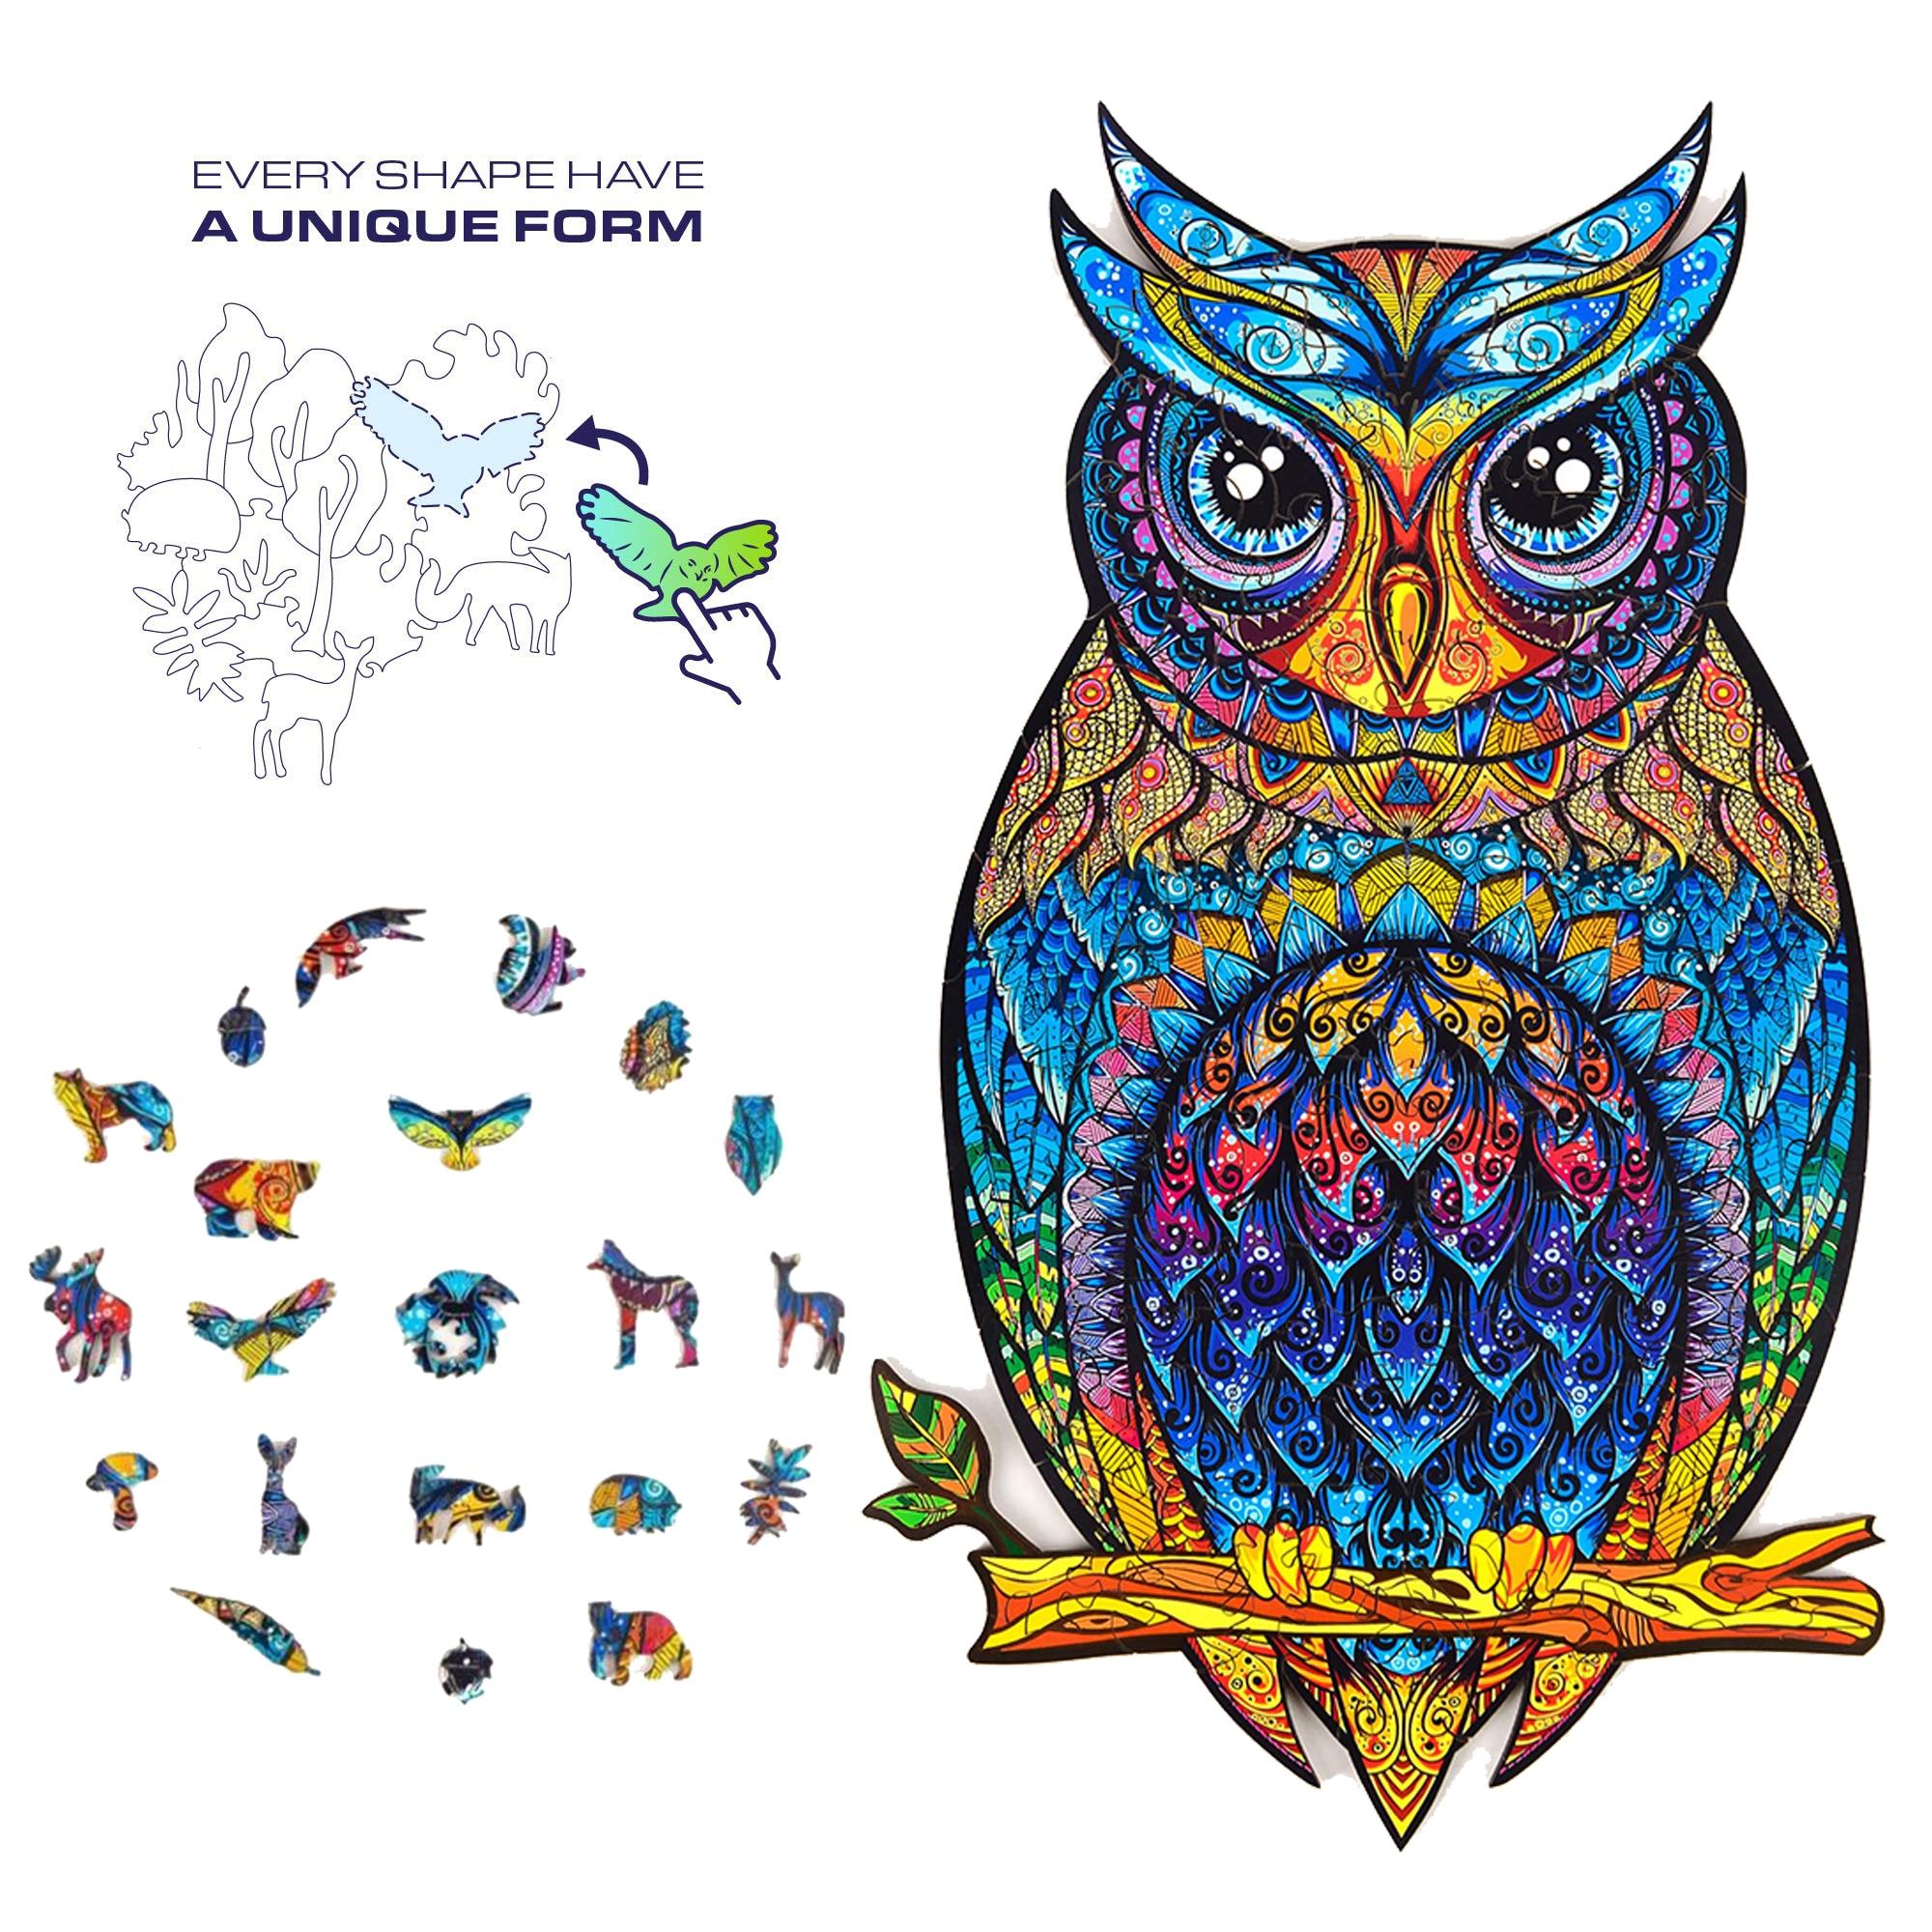 Drewniane Puzzle unikalny kształt Chameleon Butterfly smoczy kot Fox Wolf Owl Goldfish Puzzle ze zwierzętami prezent dla dorosłych dzieci zabawki